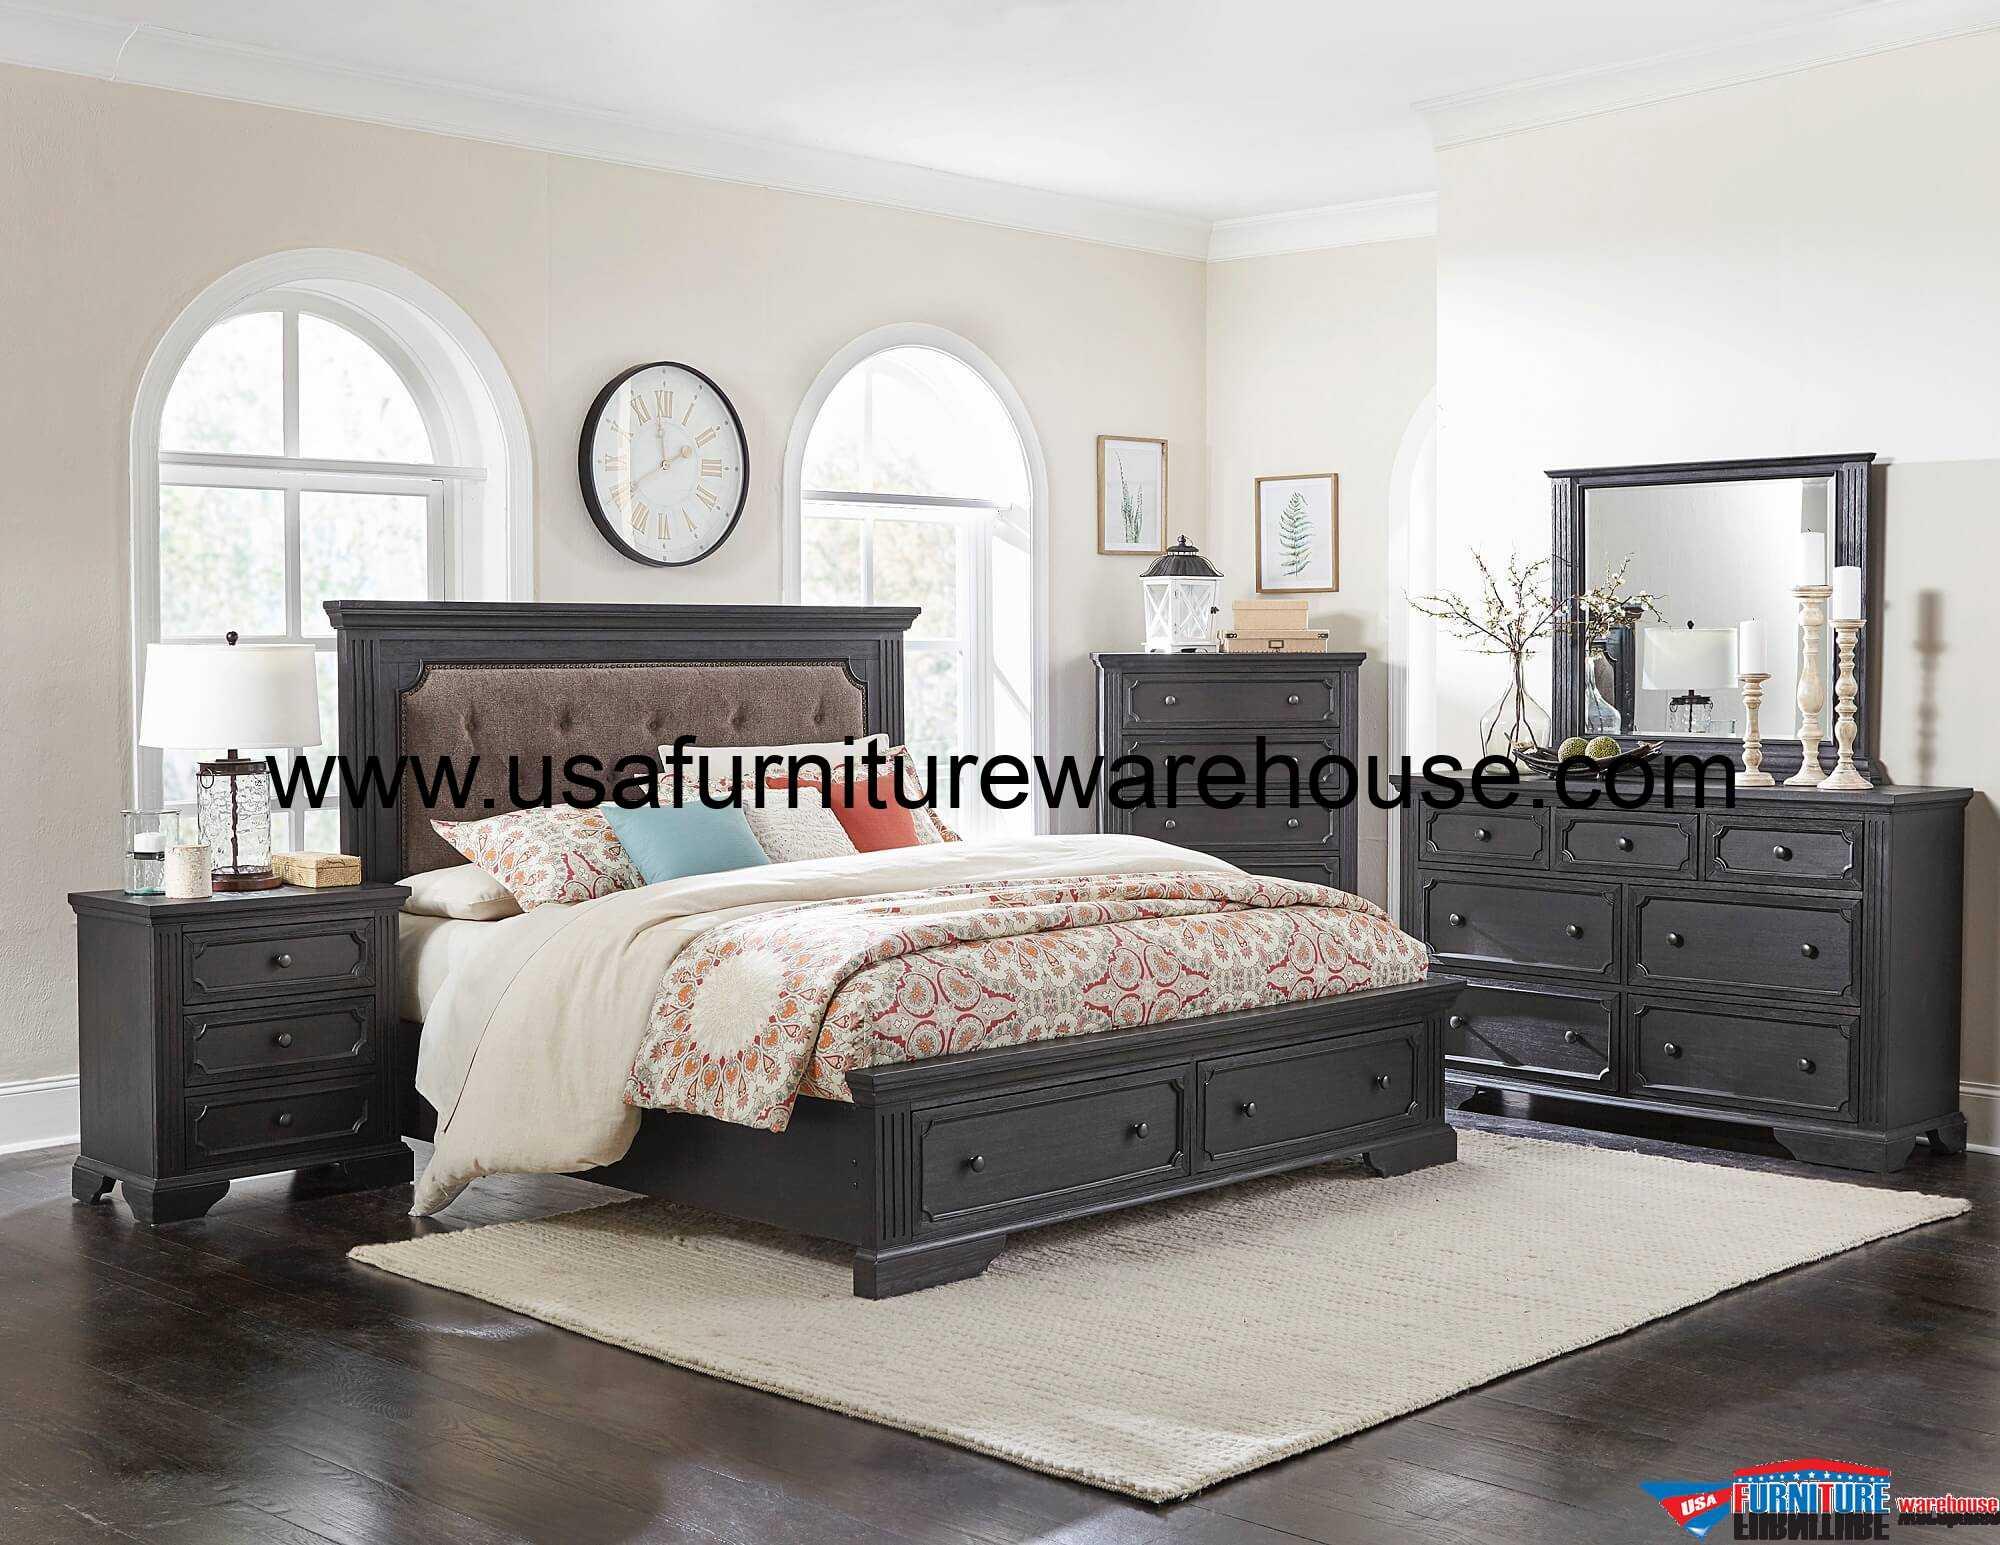 4 Piece Bolingbrook Storage Bedroom Set - USA Furniture ...